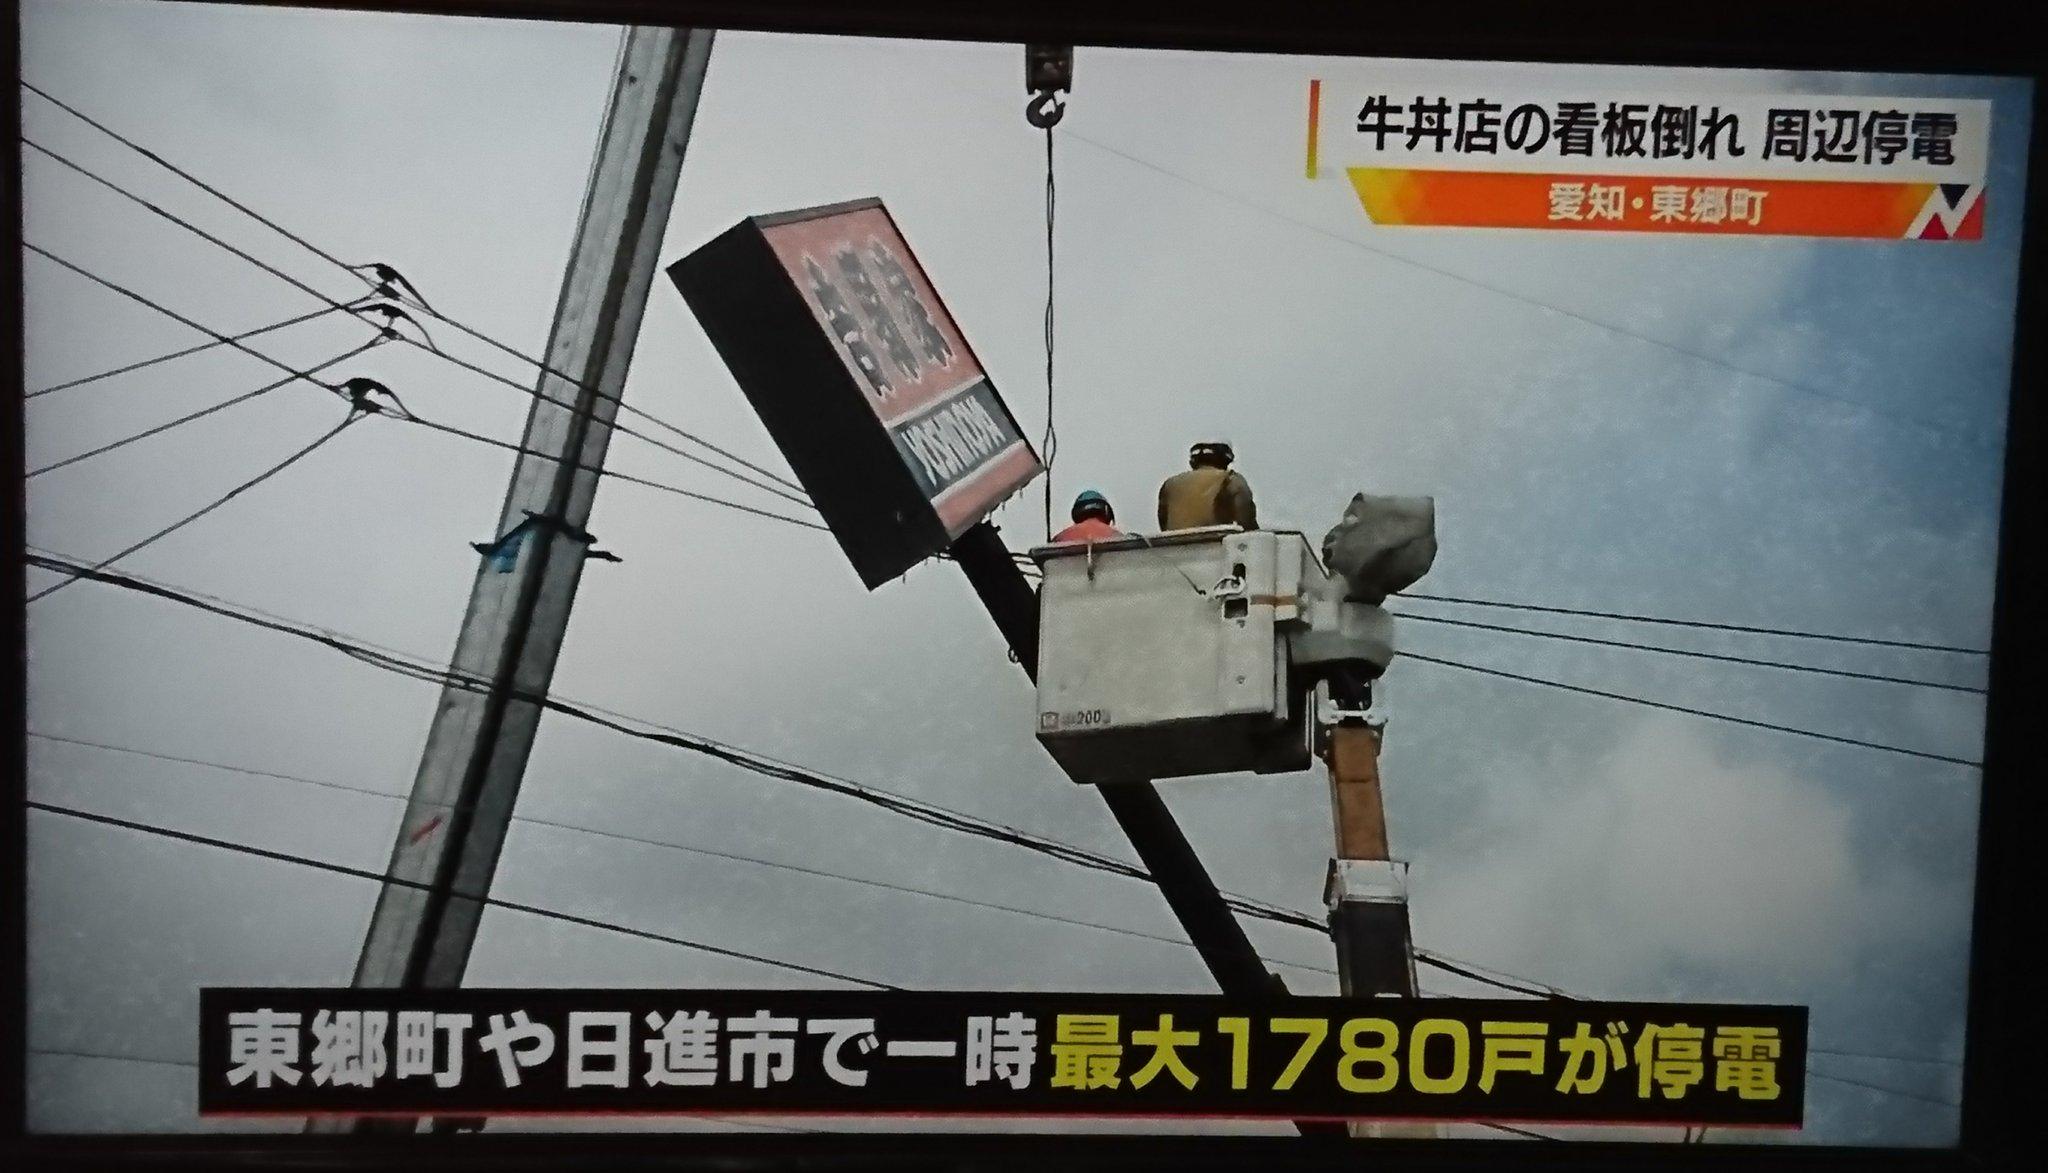 画像,153号沿いの吉野家の看板が強風で倒れたって。ケンチキの隣のとこだ。停電にはなったみたいだけど怪我人いなくてよかったねぇ。 https://t.co/wC4gX…